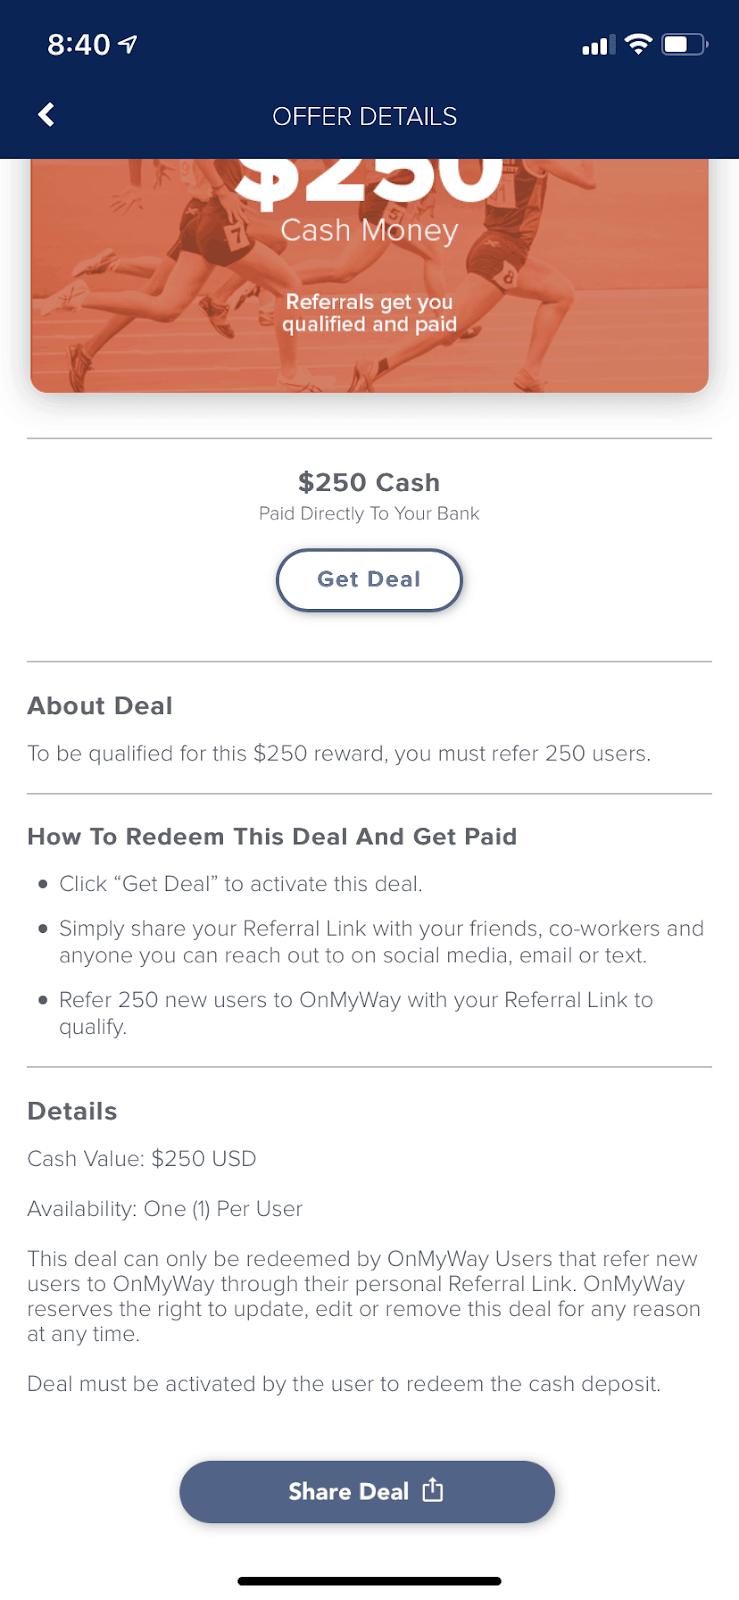 OnMyWay App Marathon Deal